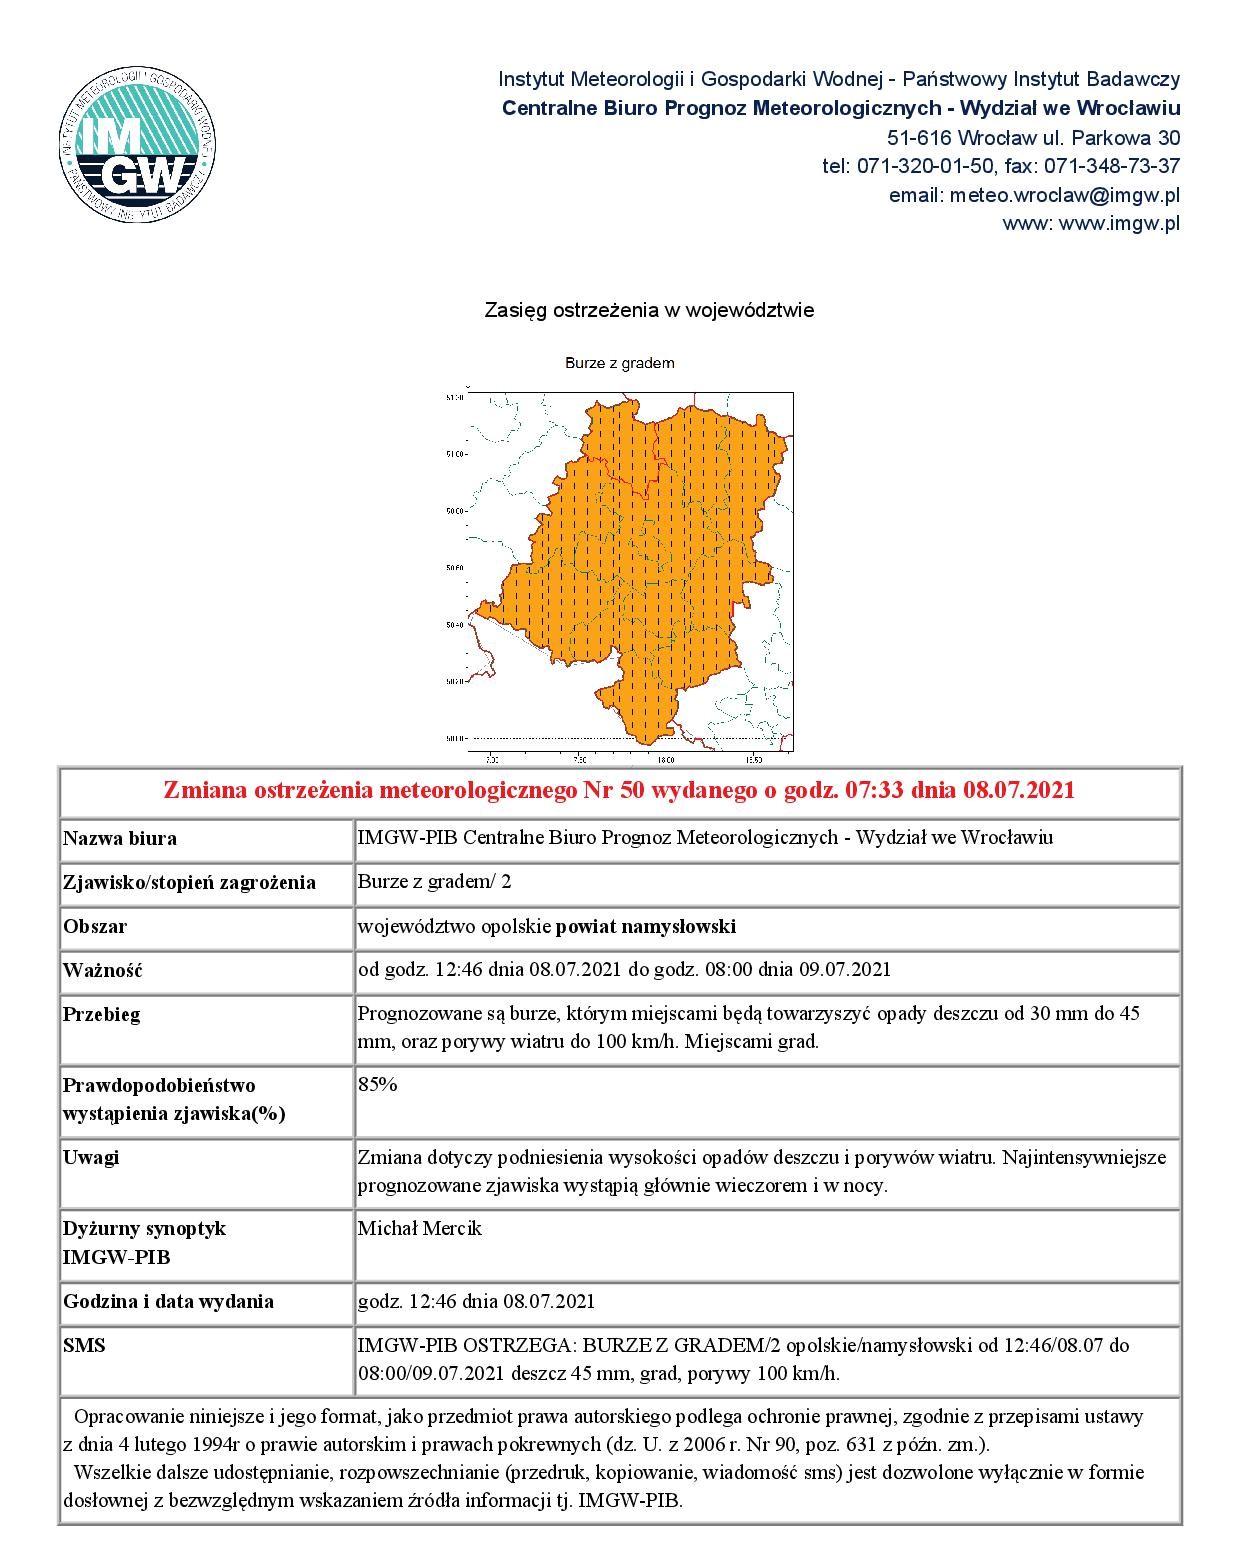 Ostrzezenie - powiat namyslowski 20210708.jpeg